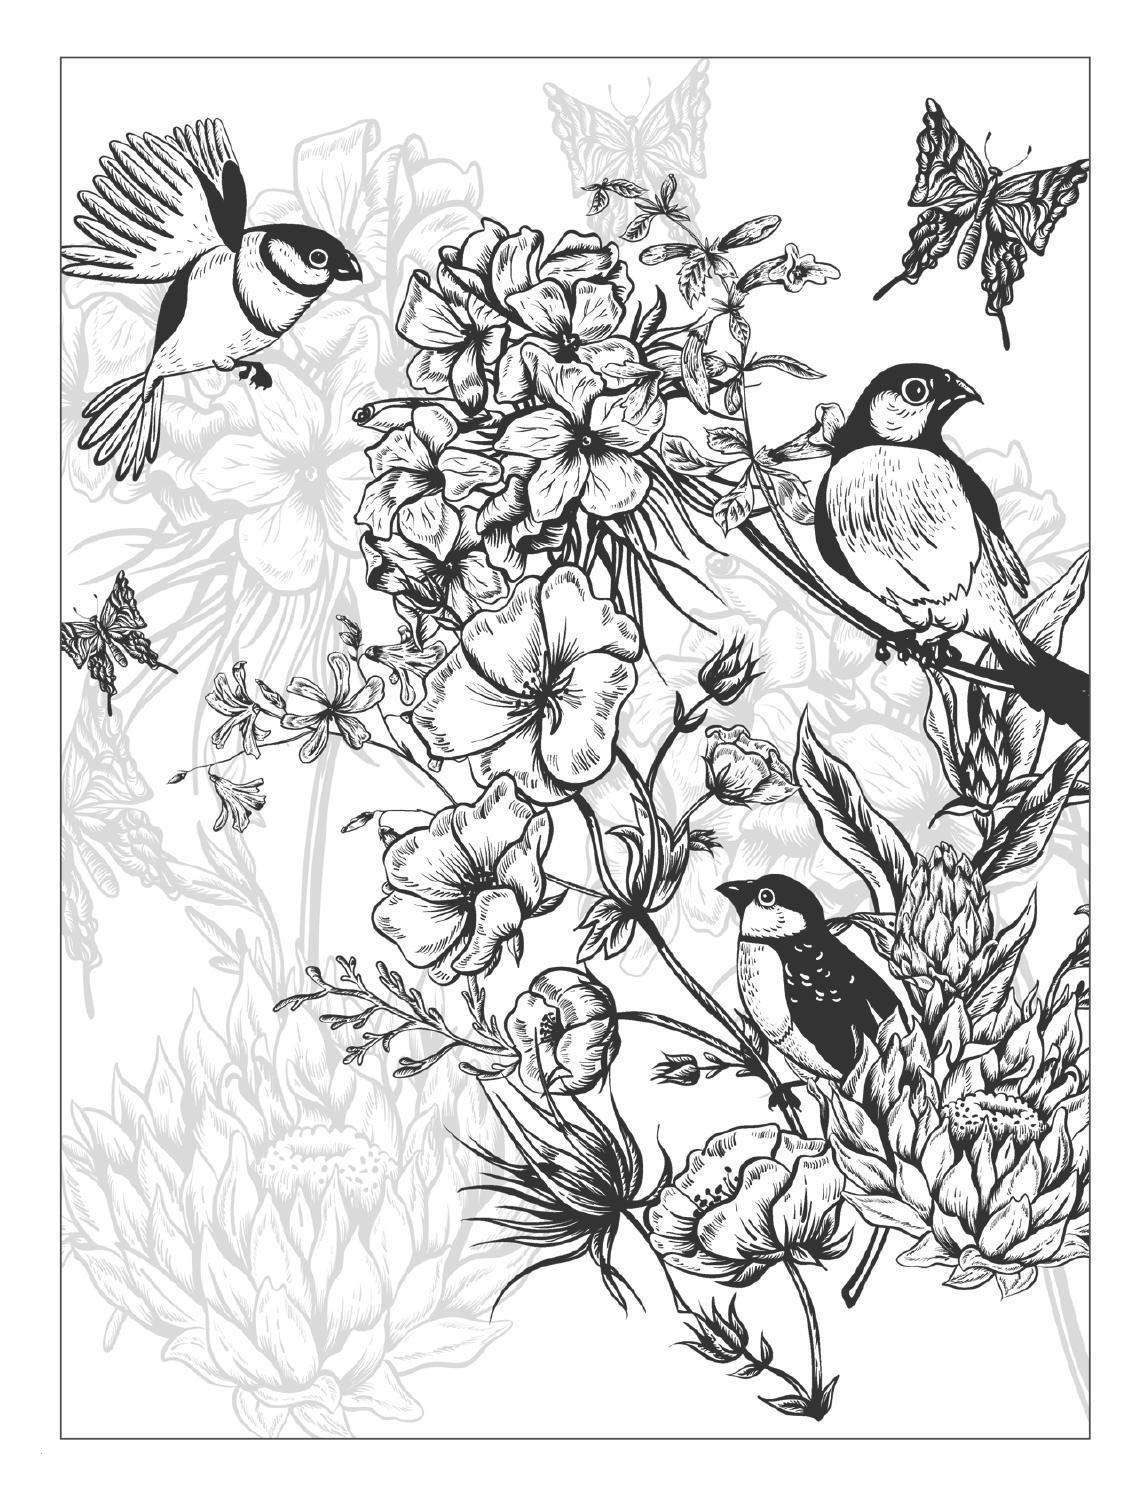 Rosen Bilder Zum Ausmalen Inspirierend Ausmalbilder Haus Schön Beautiful Flowers Detailed Floral Designs Das Bild